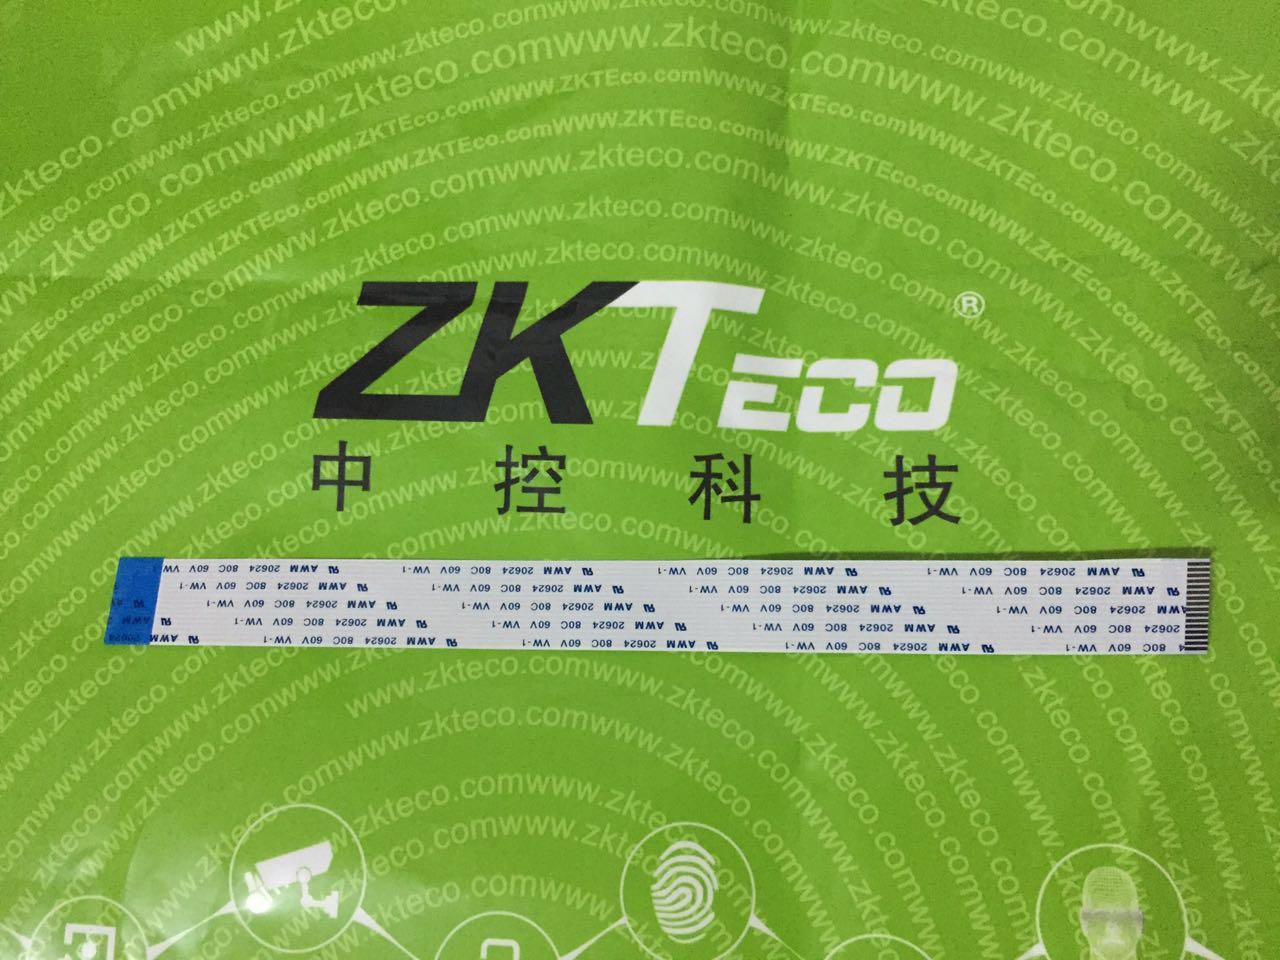 中控K28/U160/X628指纹考勤机16P排线,中控考勤机原装指纹头排线